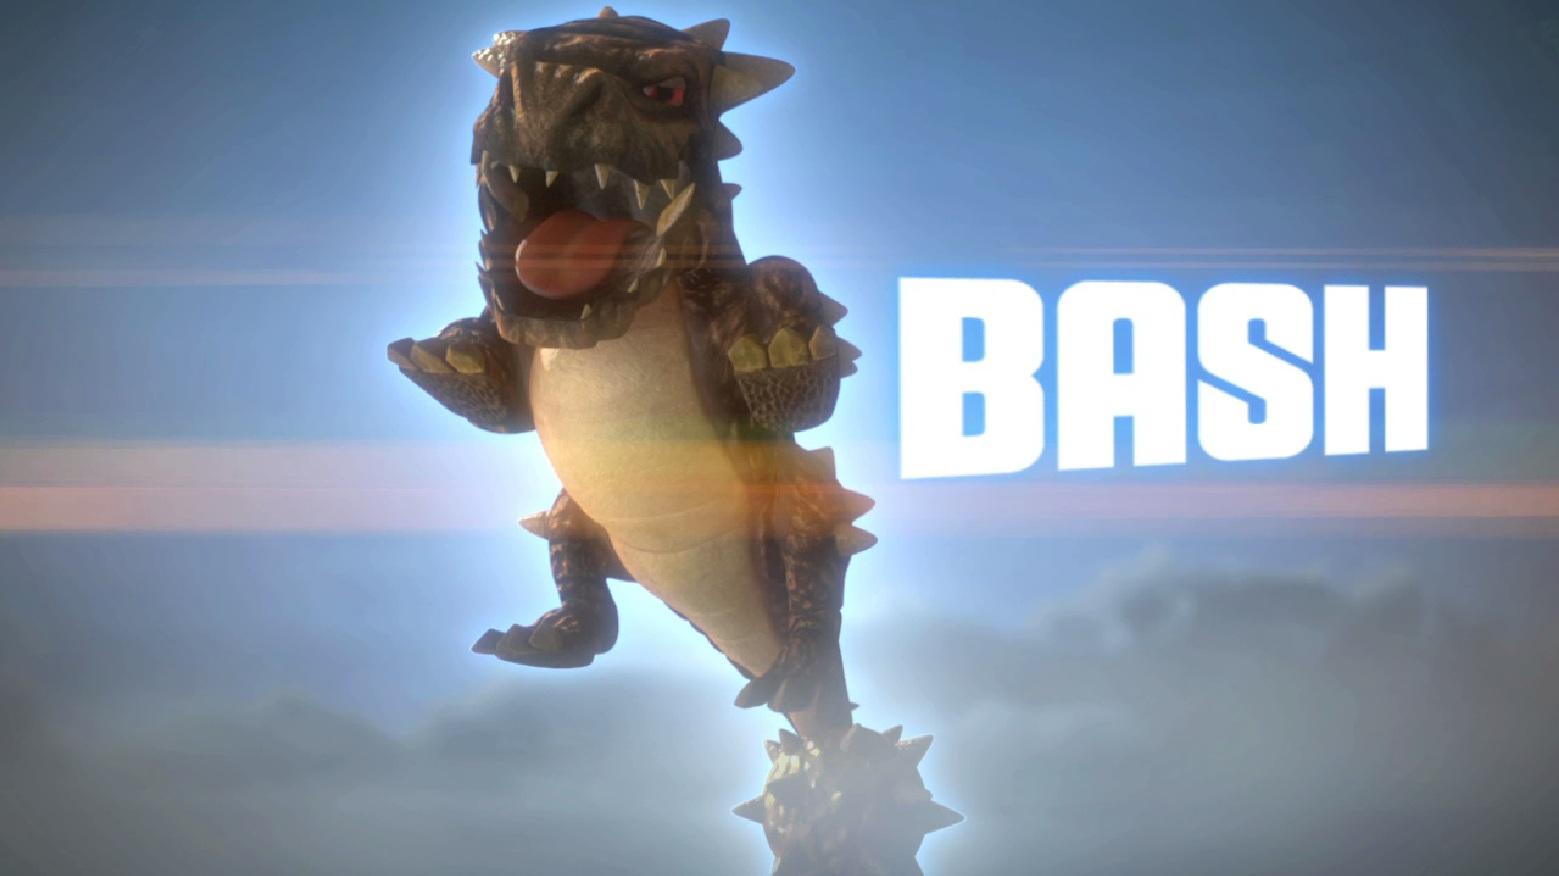 Datei:Bash Trailer.jpg